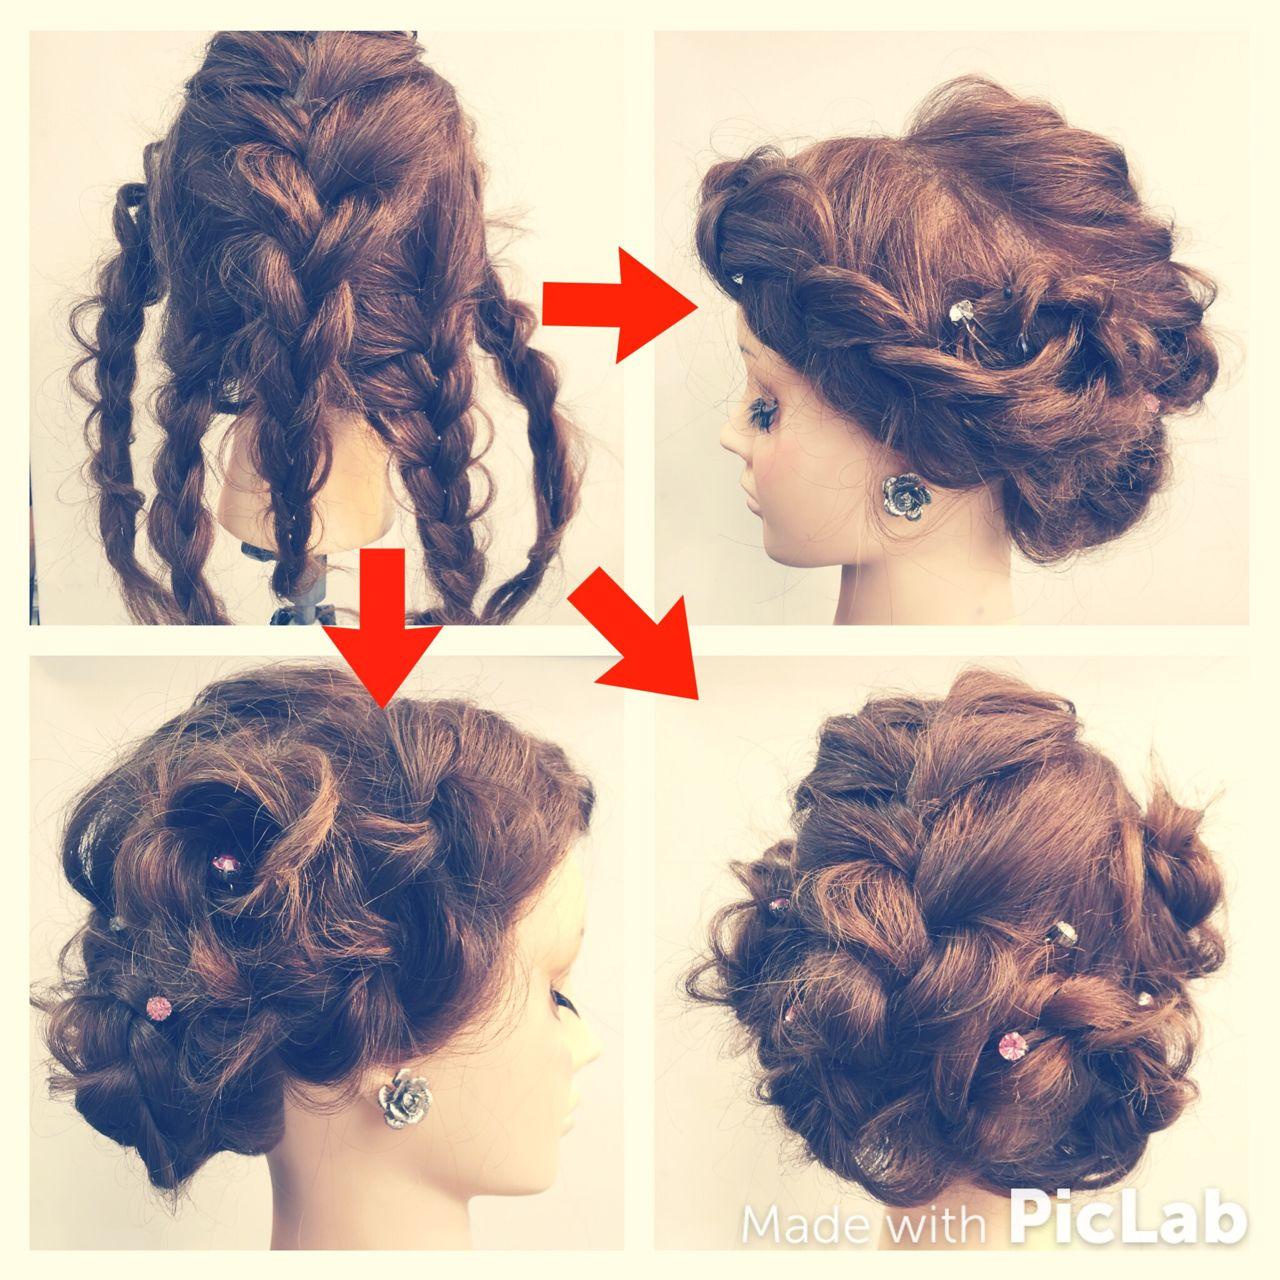 セミロング 簡単ヘアアレンジ 三つ編み ゆるふわ ヘアスタイルや髪型の写真・画像 | 鈴木 健太郎 / ShuKRun